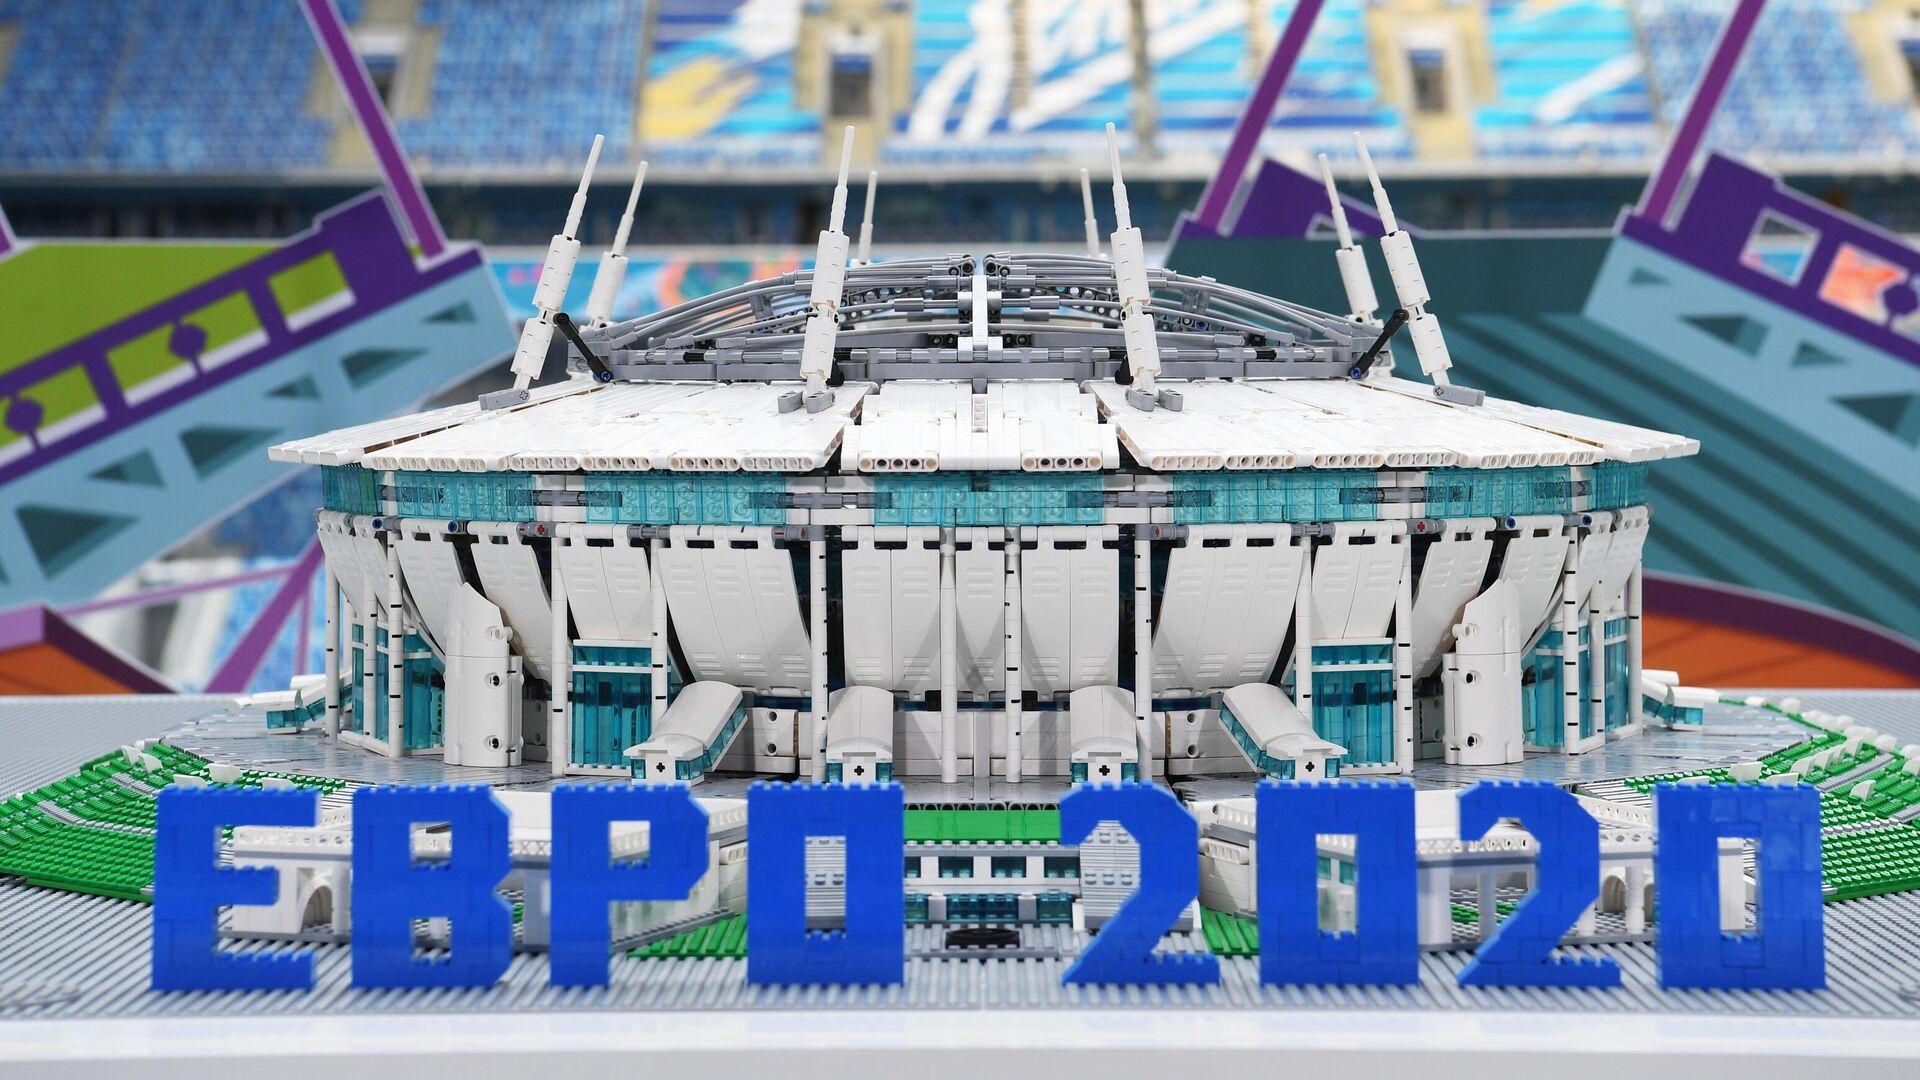 Макет футбольного стадиона Санкт-Петербург, который примет матчи ЕВРО-2020 - РИА Новости, 1920, 22.04.2021